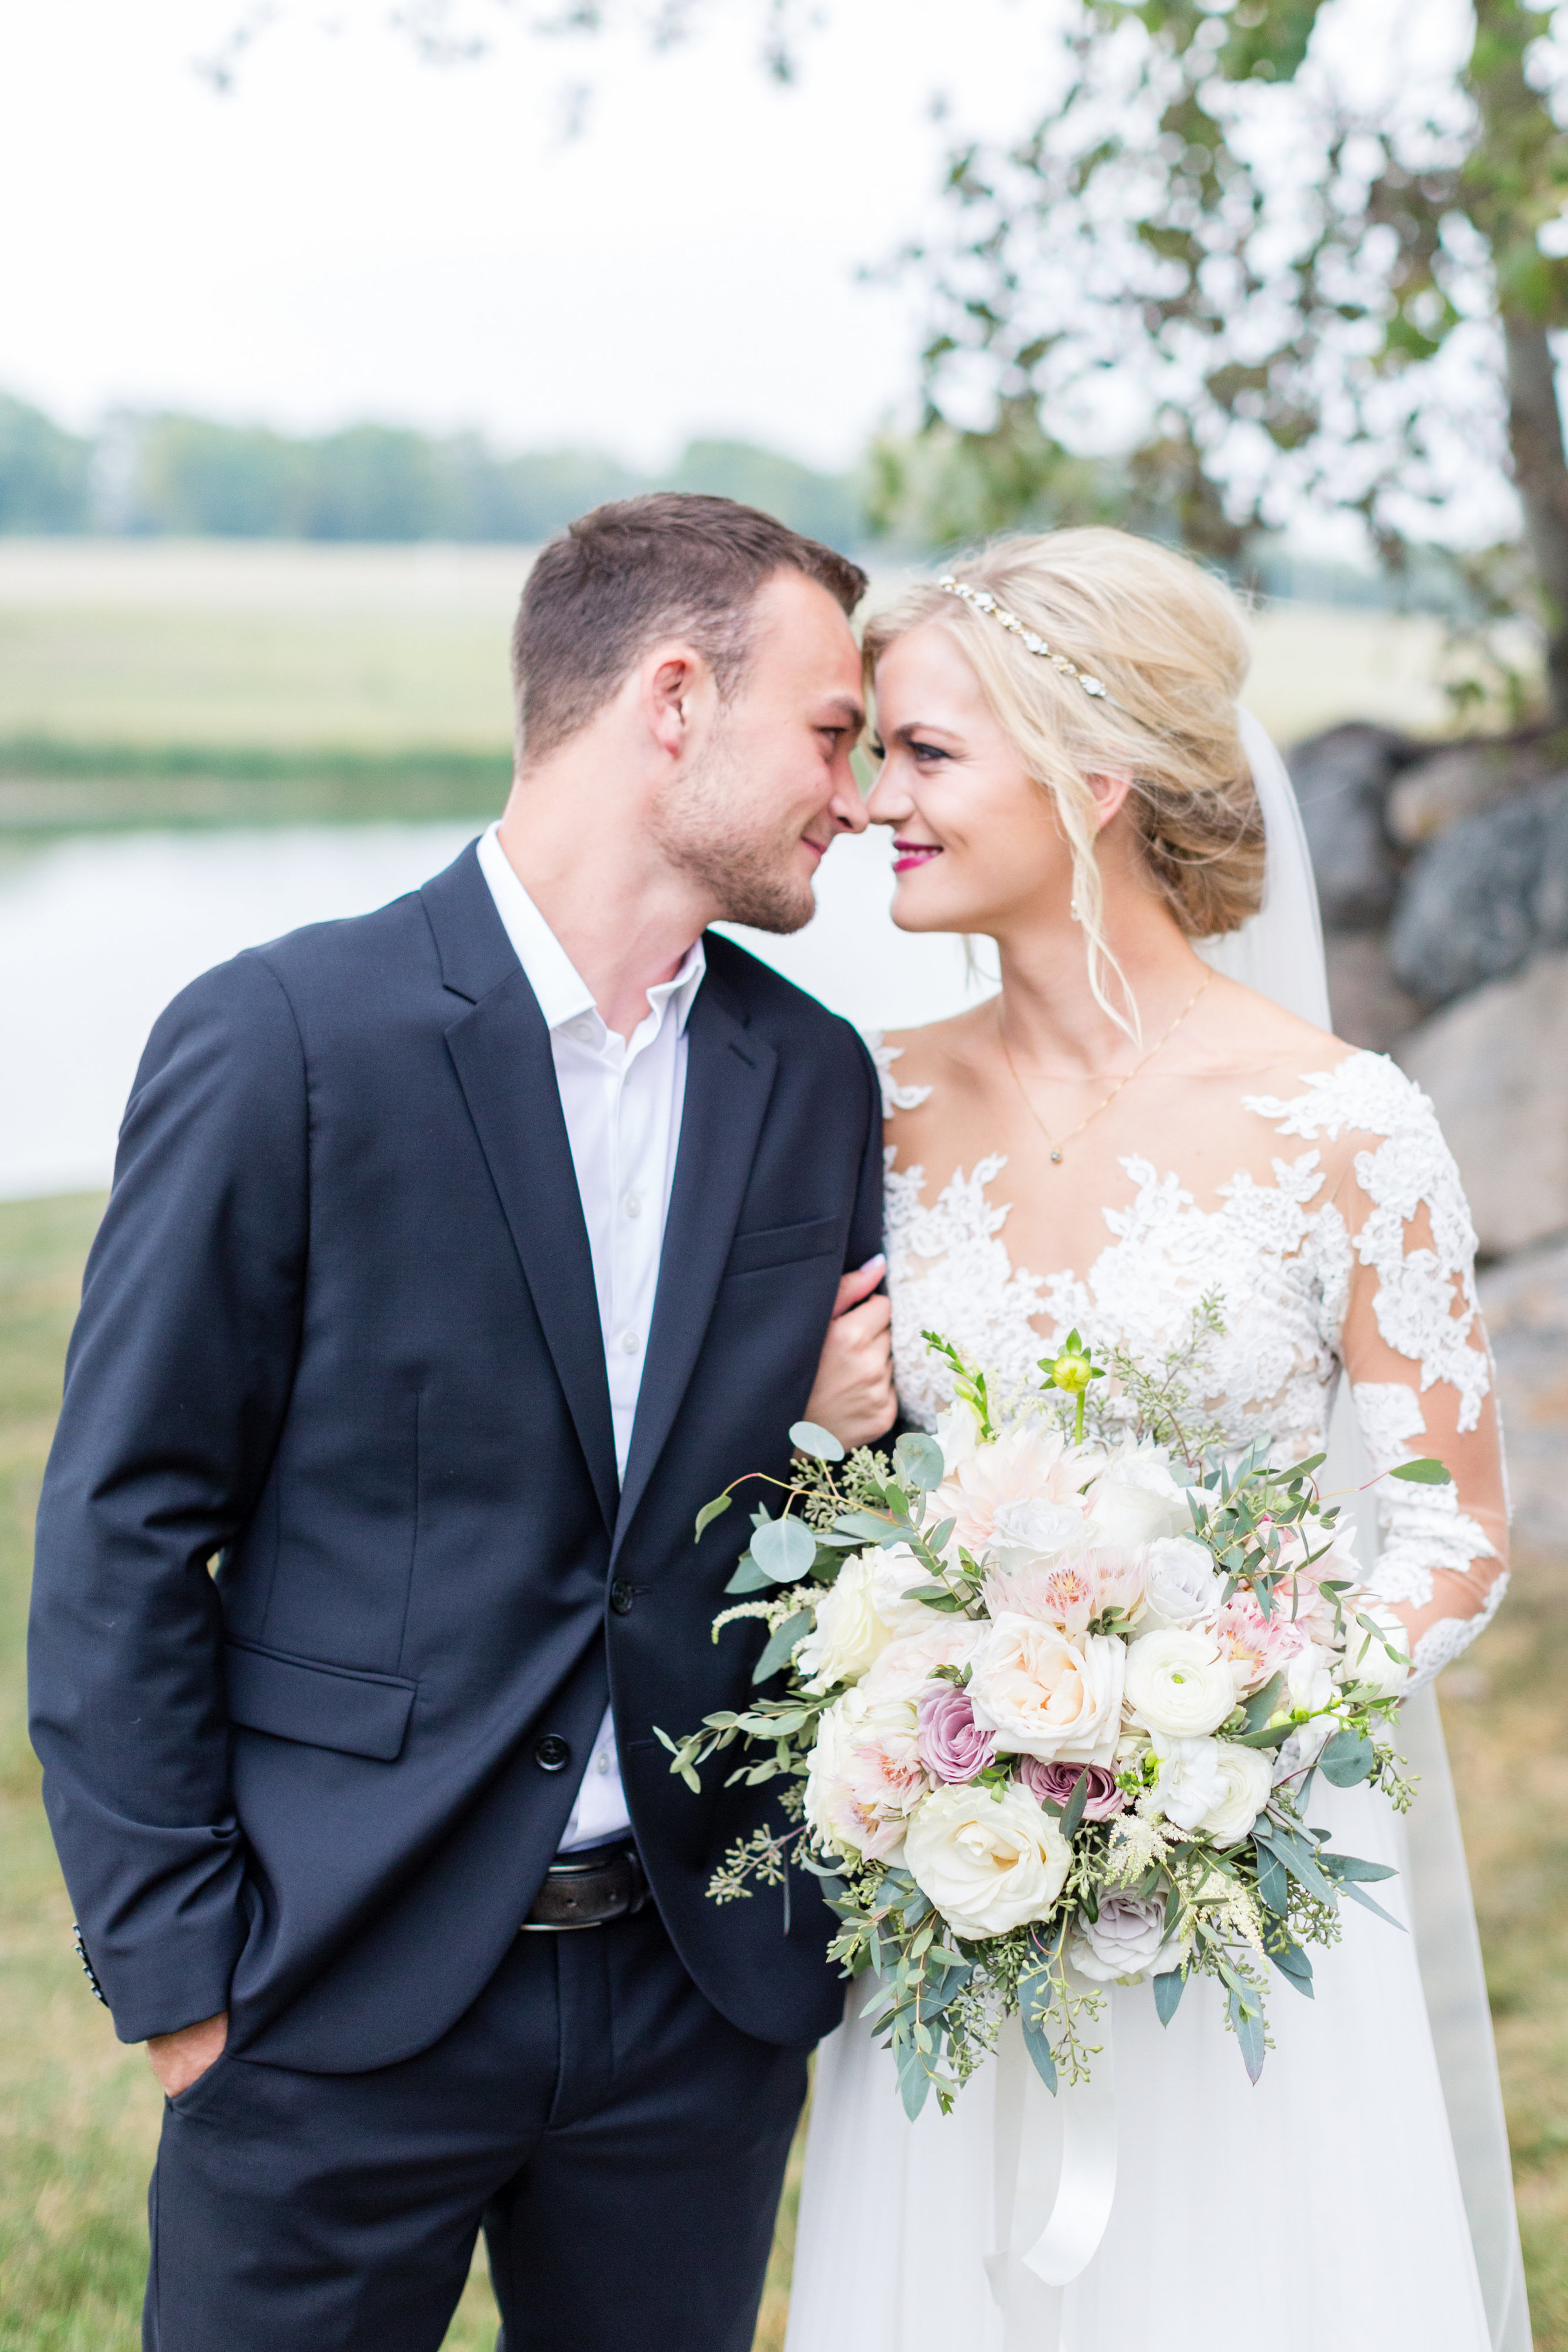 Jesse & Lauren Wedding_0178.JPG